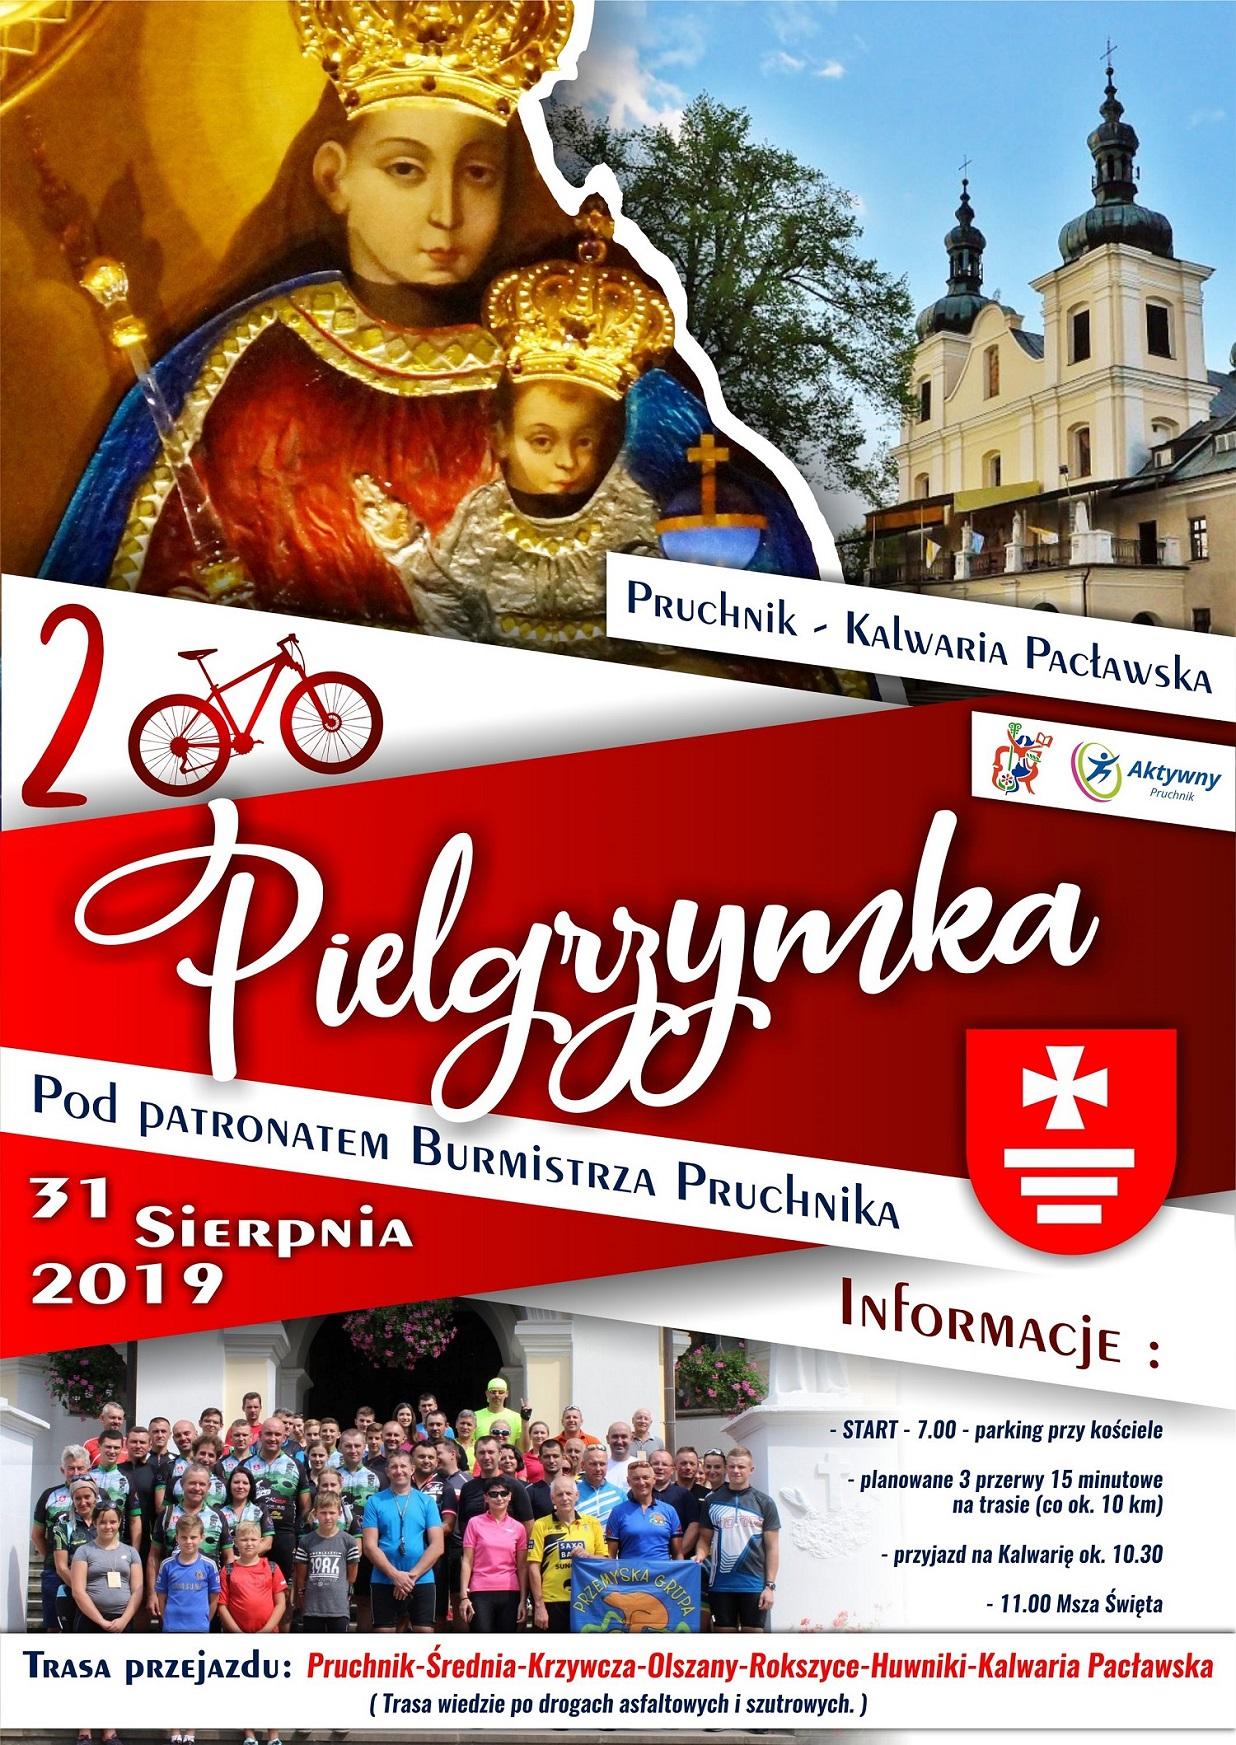 Galeria zdjęć: Rowerowa Pielgrzymka z Pruchnika do Kalwarii Pacławskiej